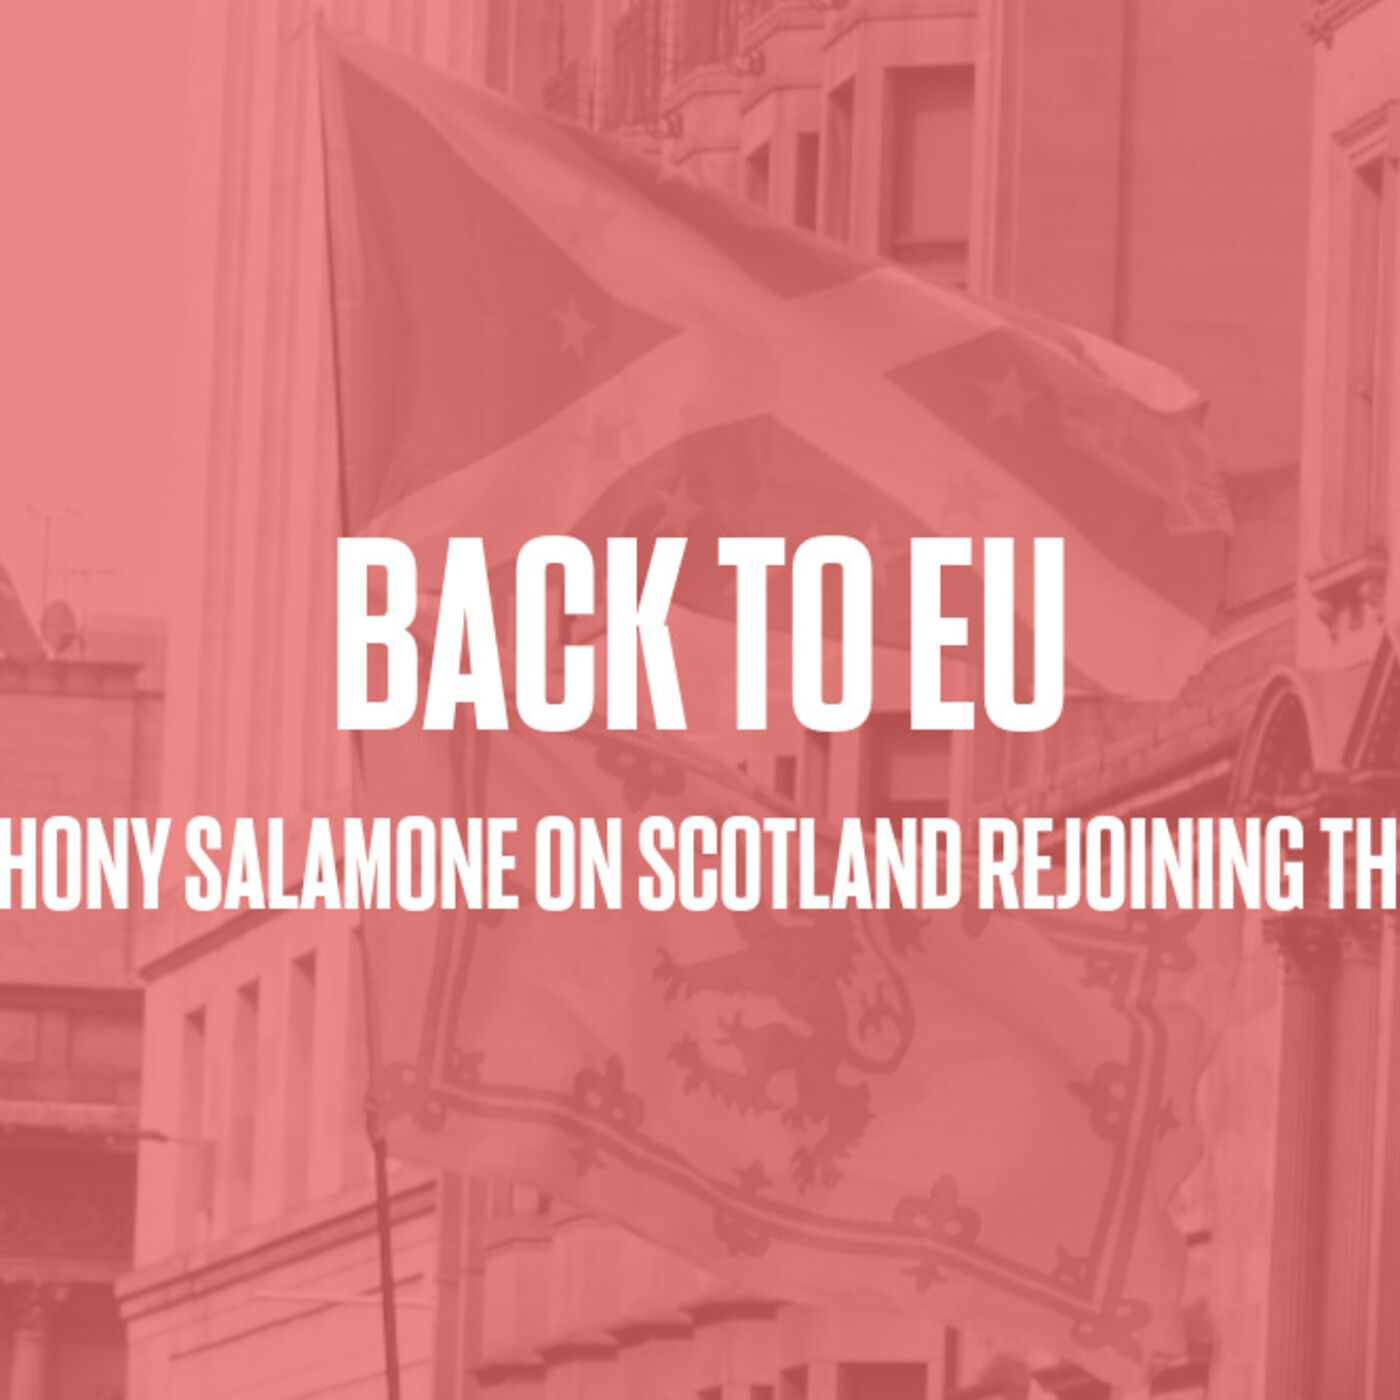 Episode #69 - Back To EU